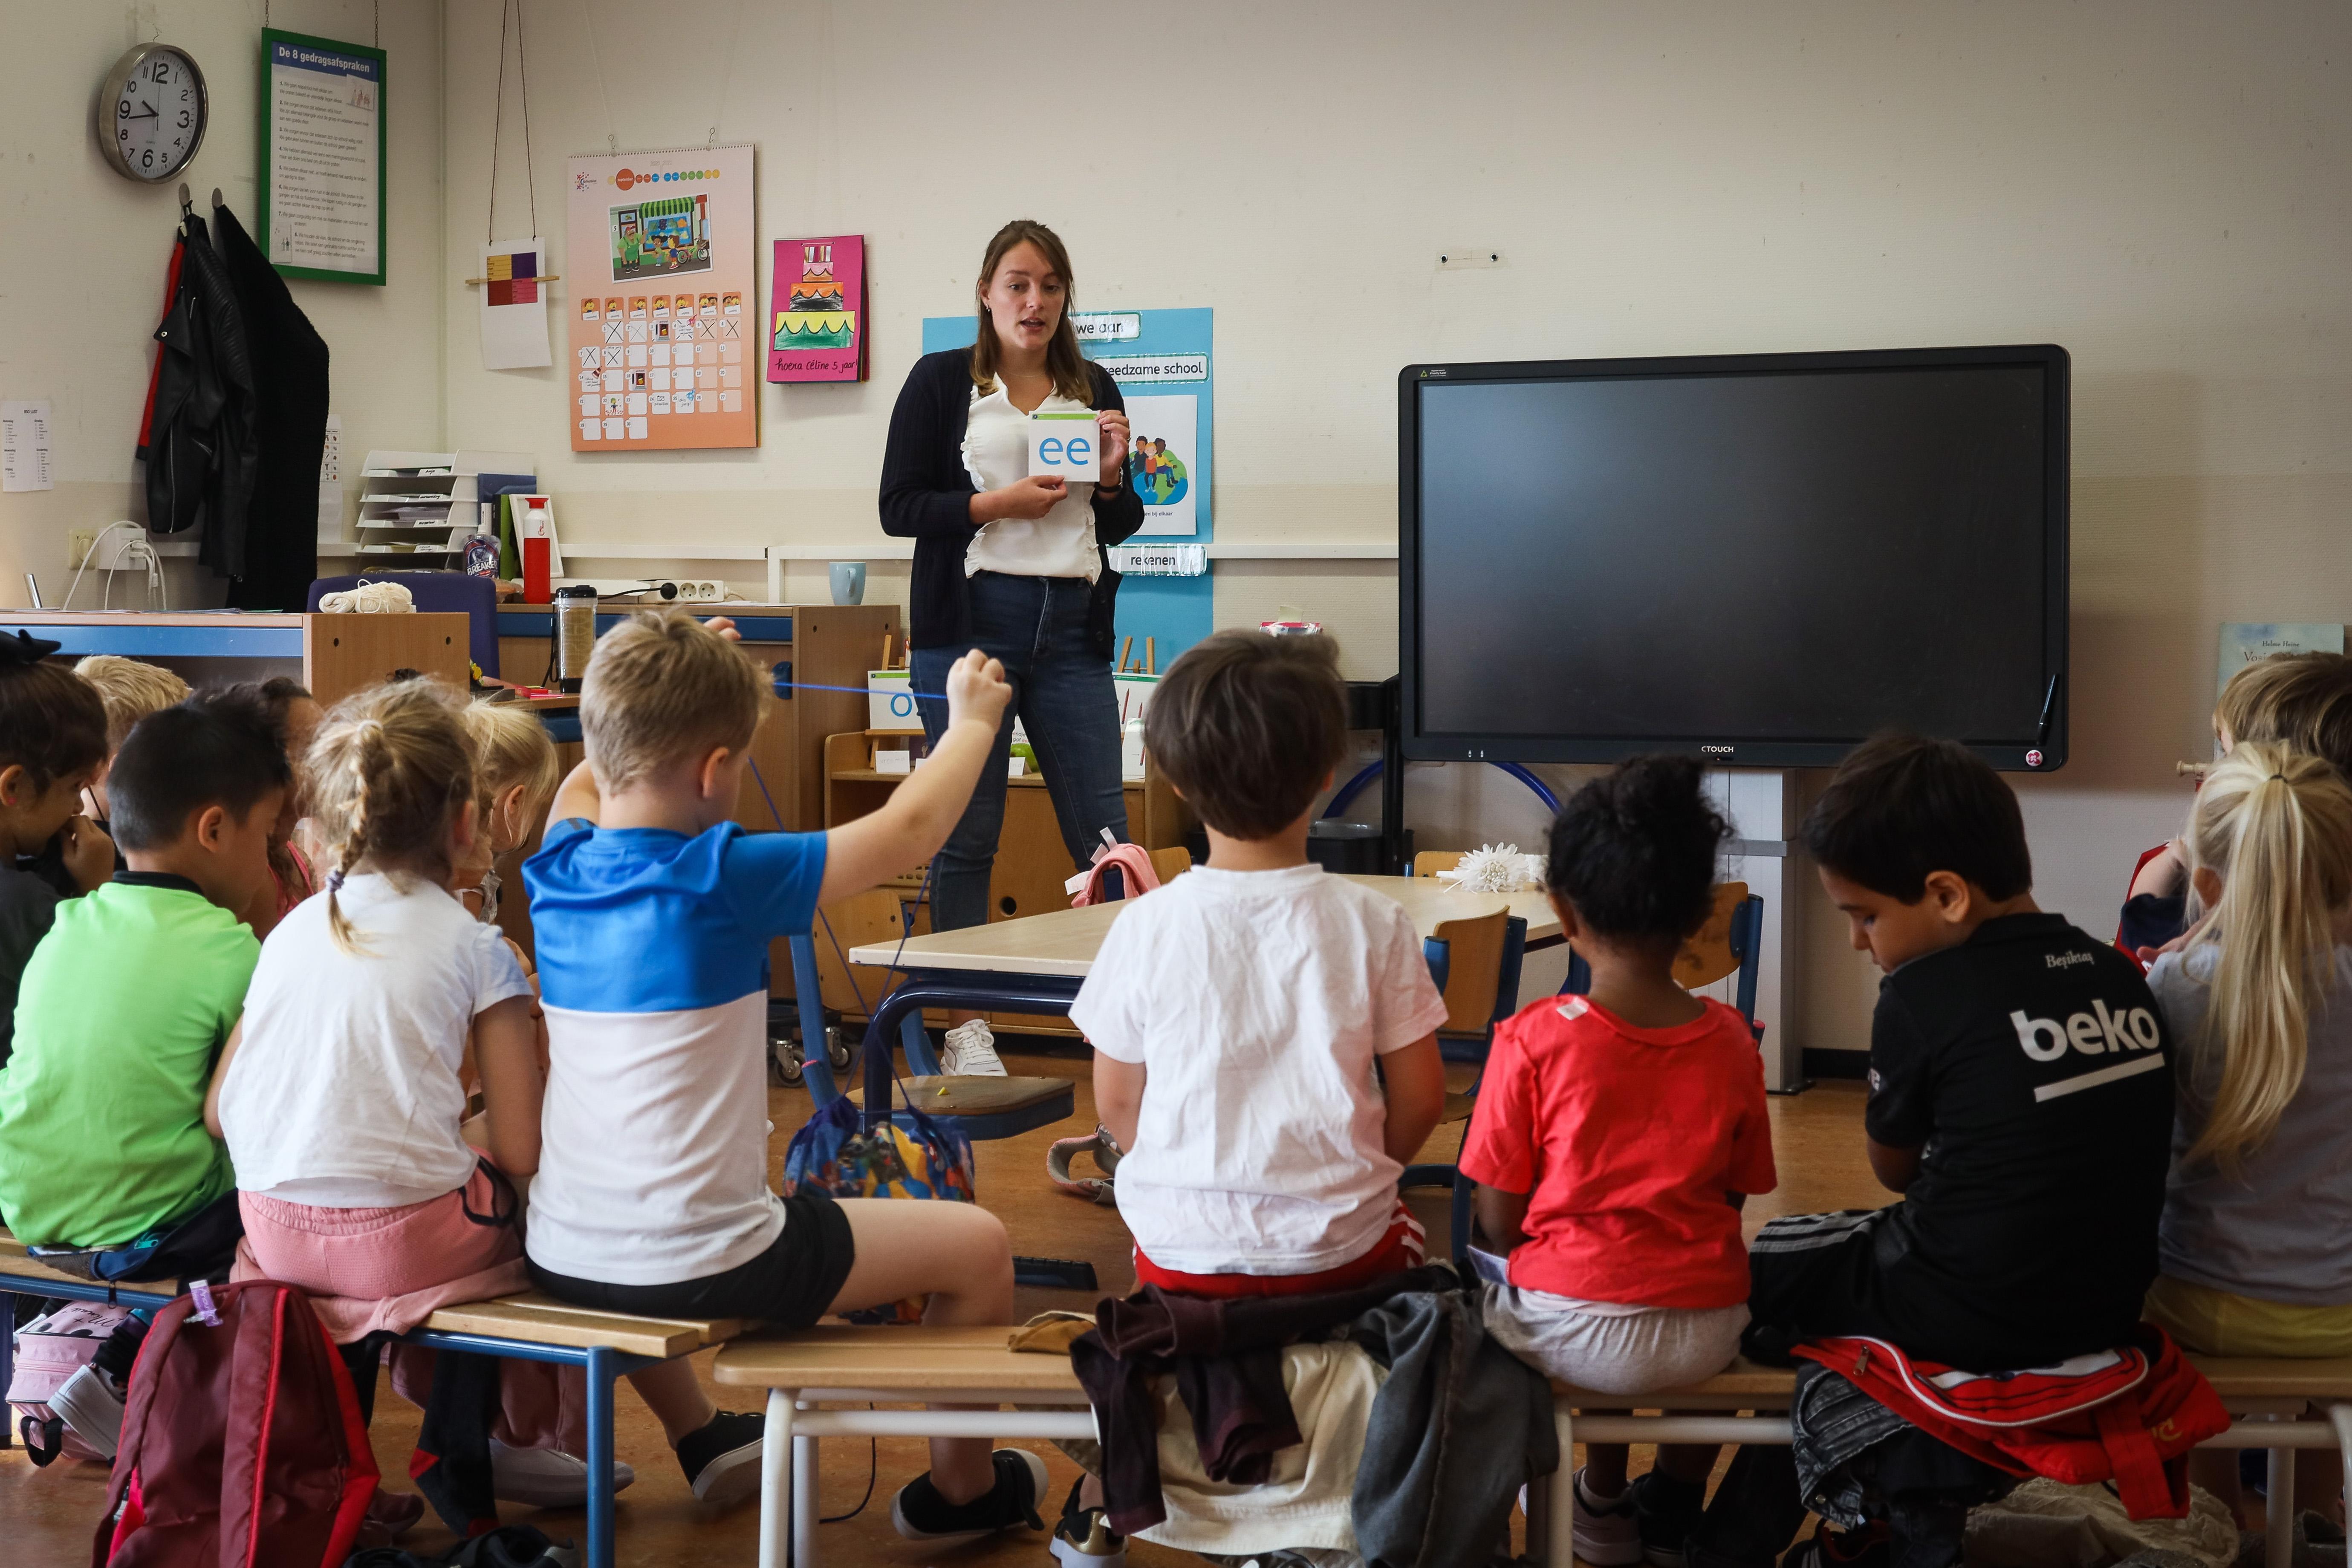 Directeur Hoornse basisschool maakt zich ernstig zorgen om onderwijs in coronatijd: 'Kinderen maken niet de gewenste groei door'